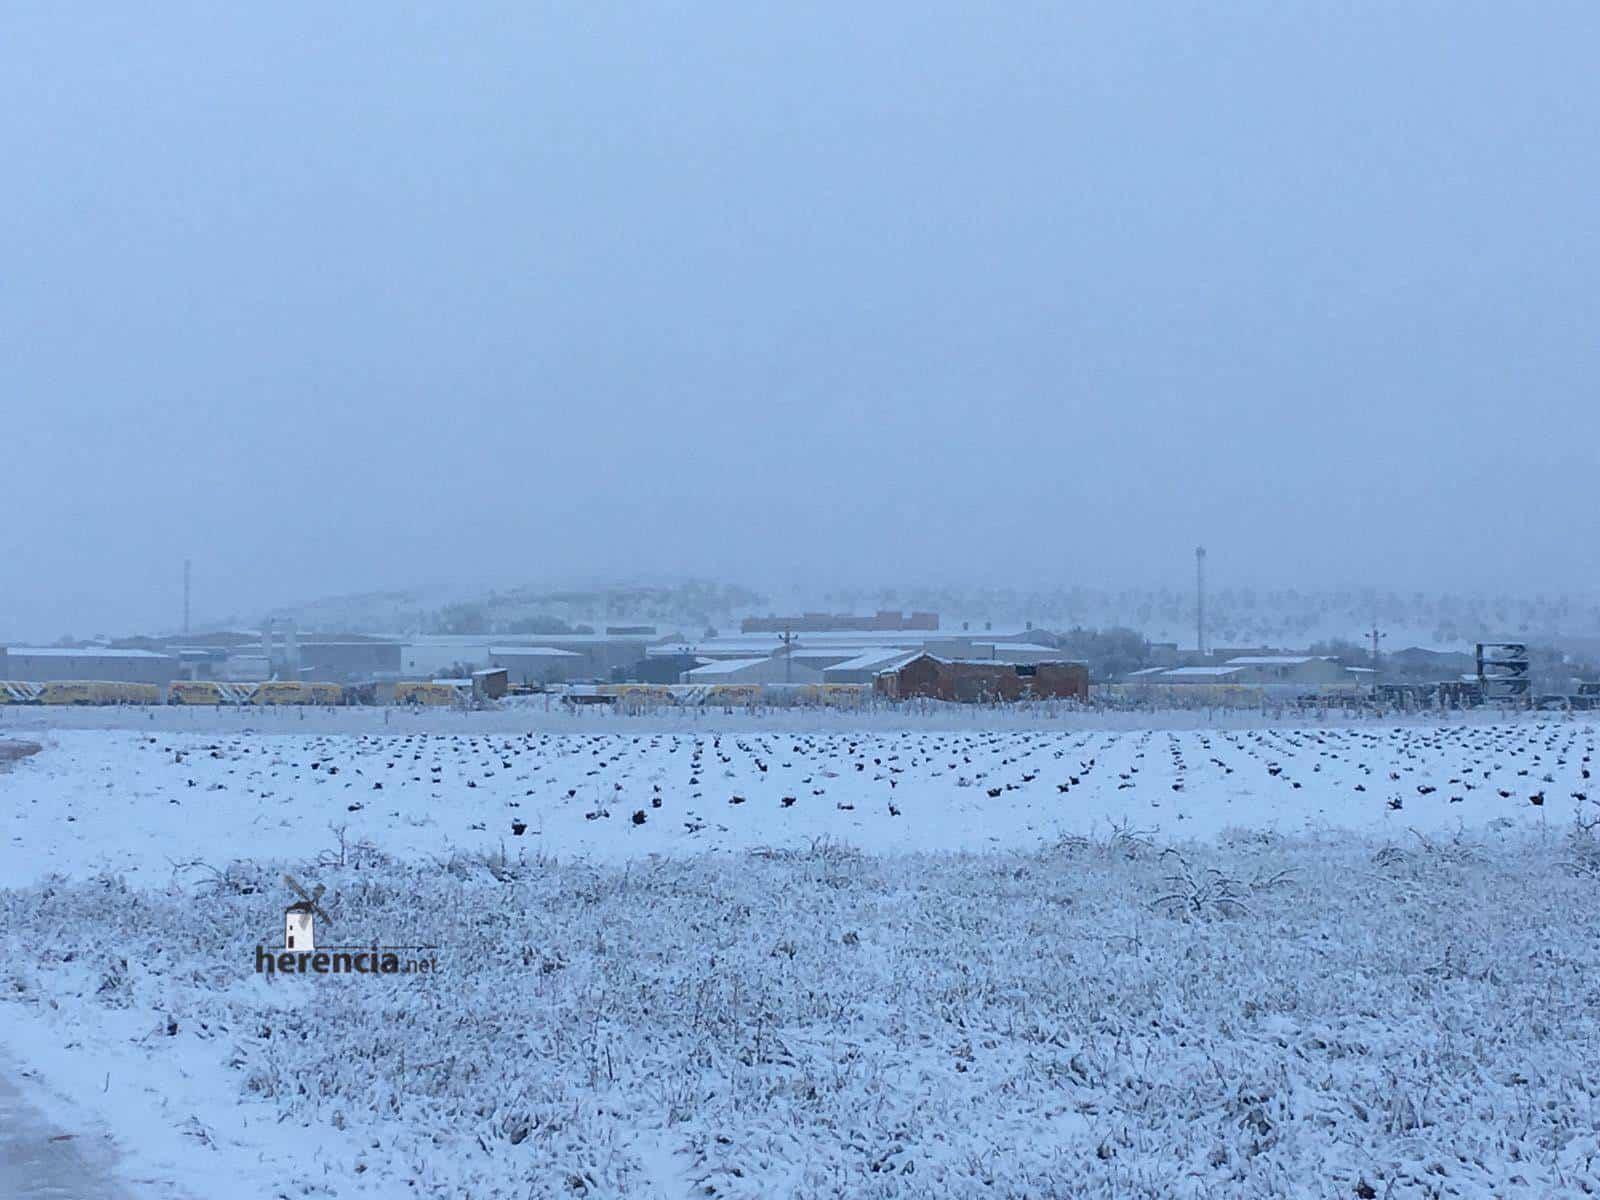 nieve herencia pano0001 - Herencia amanece cubierta de nieve y nevando